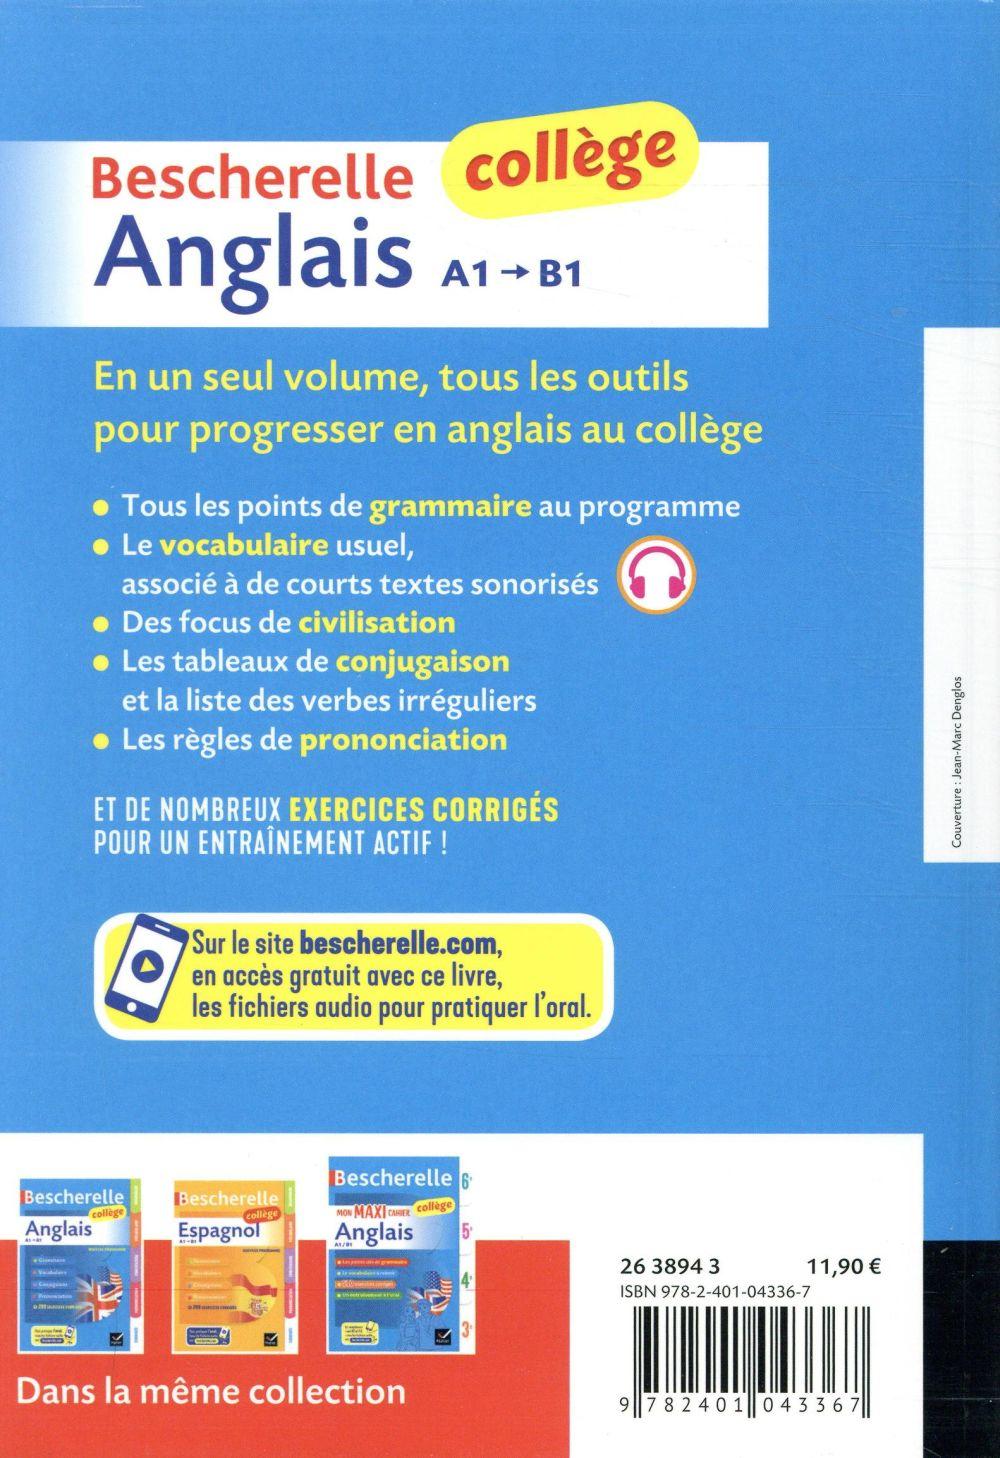 Bescherelle Anglais College Bignaux Jeanne Franc Hatier Grand Format Le Hall Du Livre Nancy